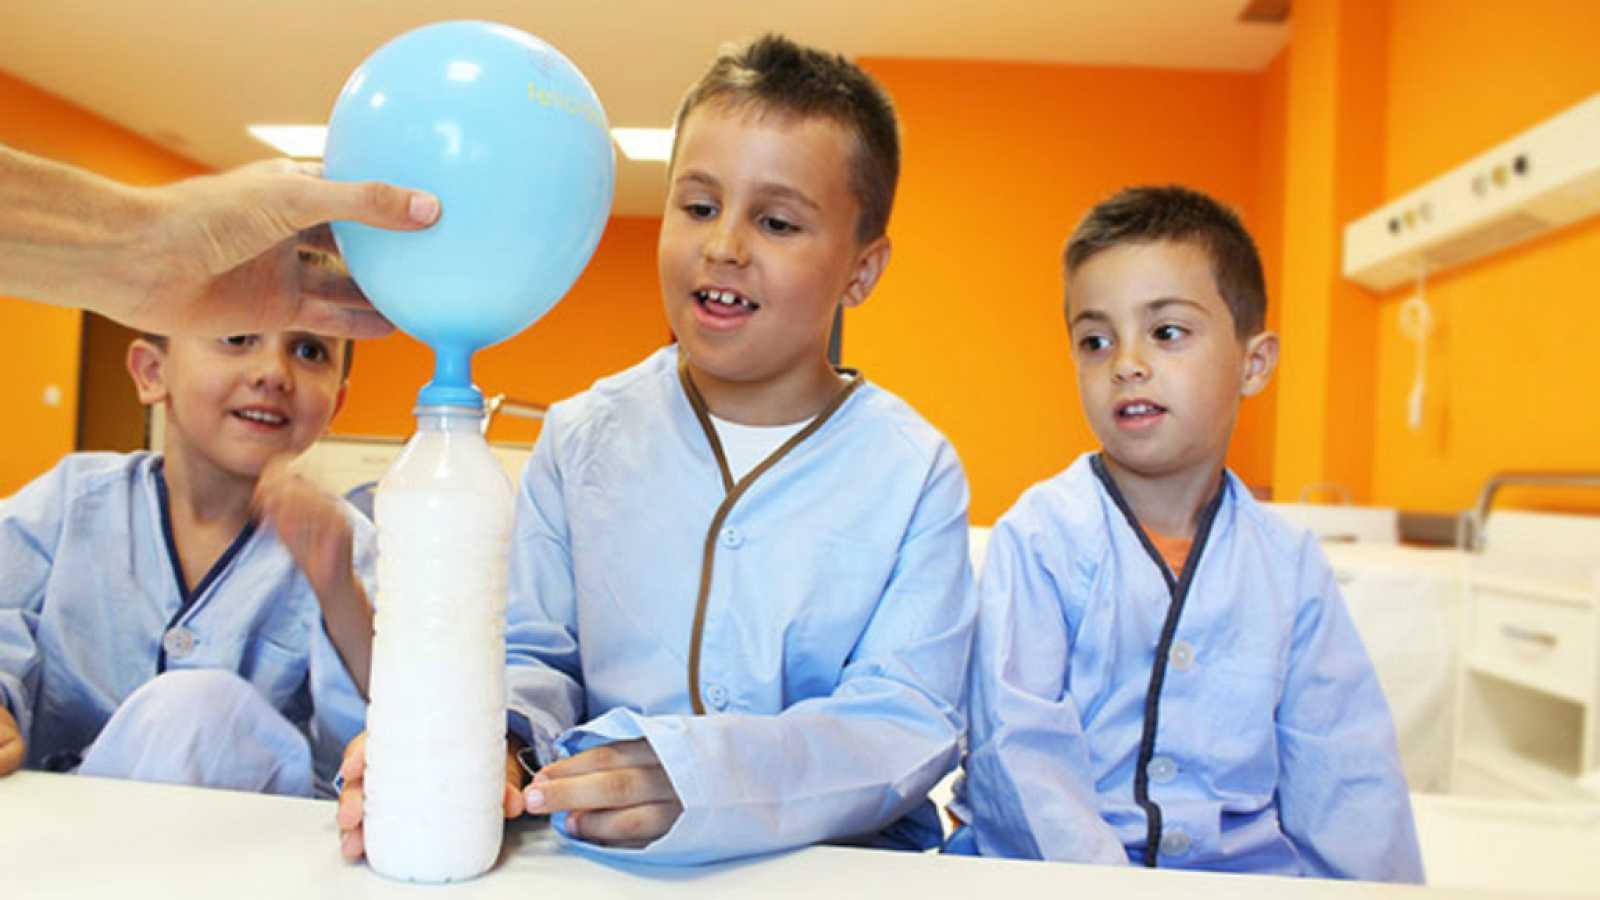 Entre paréntesis - Cienciaterapia, ciencia divertida para niños hospitalizados - Escuchar ahora